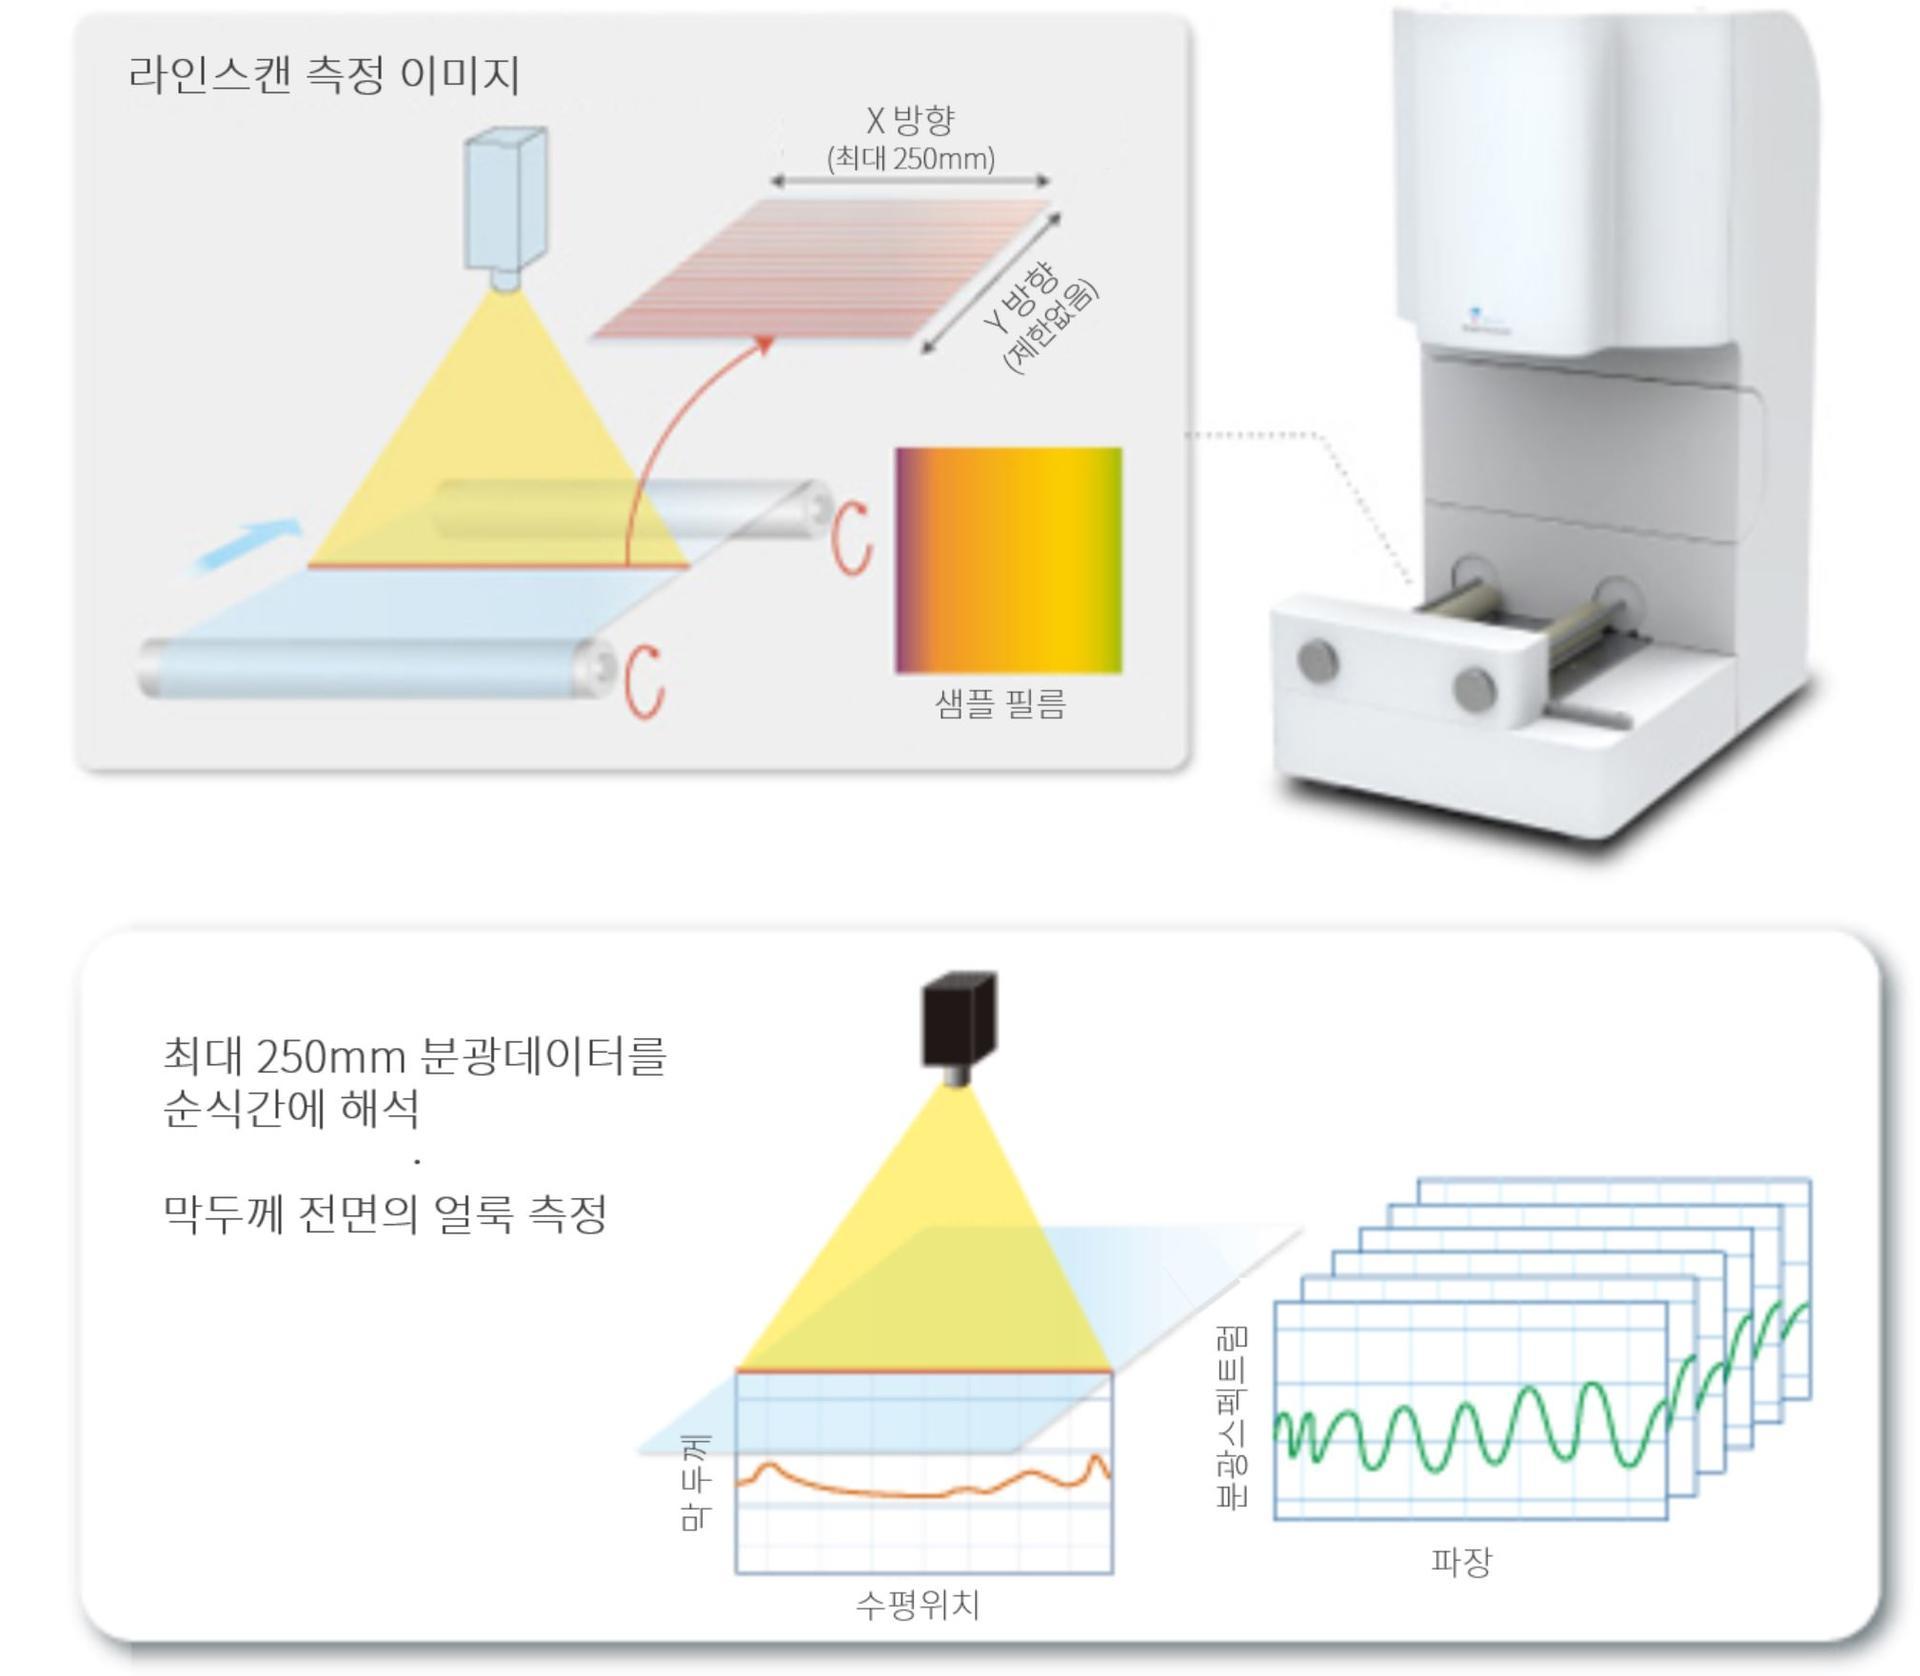 측정 프로세스 이미지